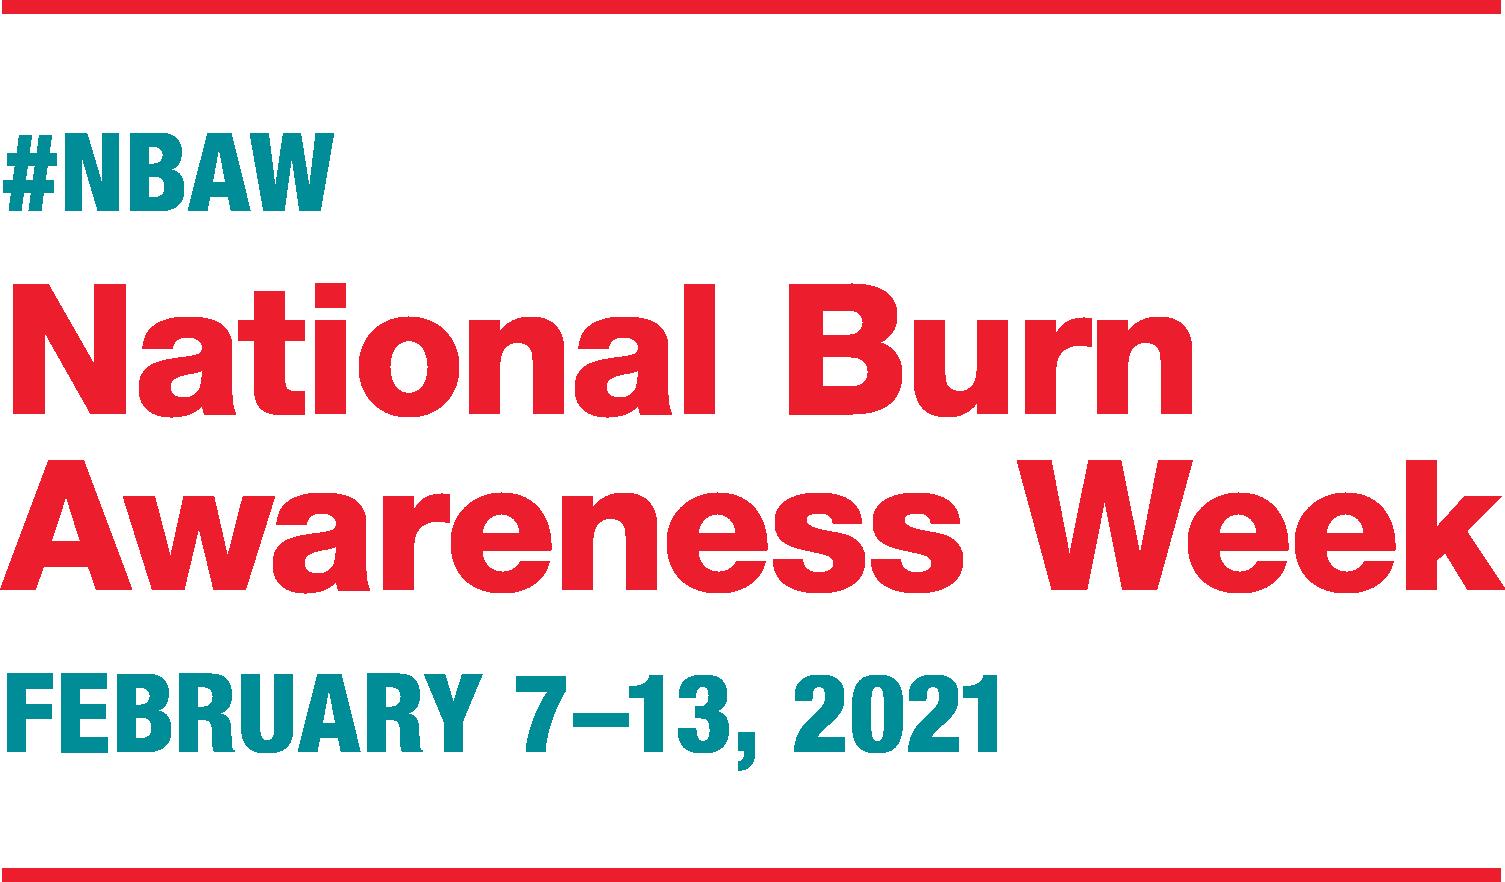 National Burn Awareness Week, February 7-13, 2021